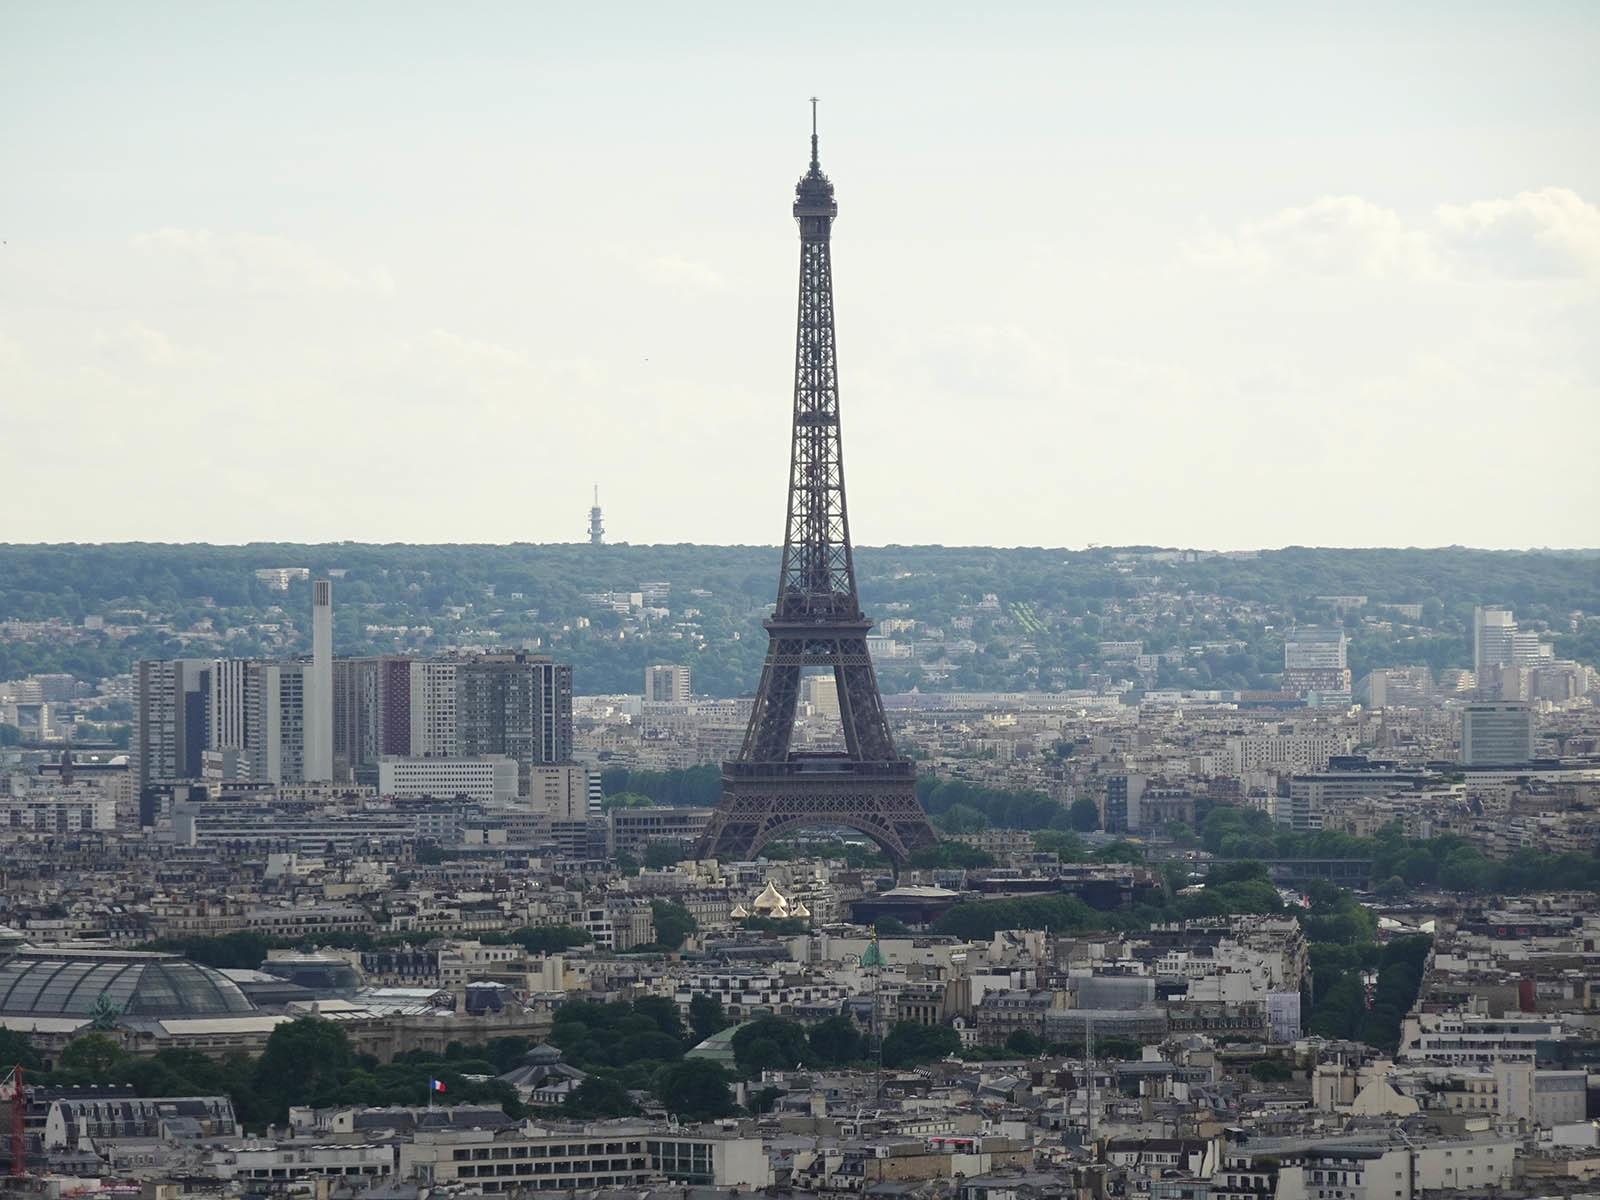 パリエアショー2019 07「パリ観光」_b0315809_22153828.jpg